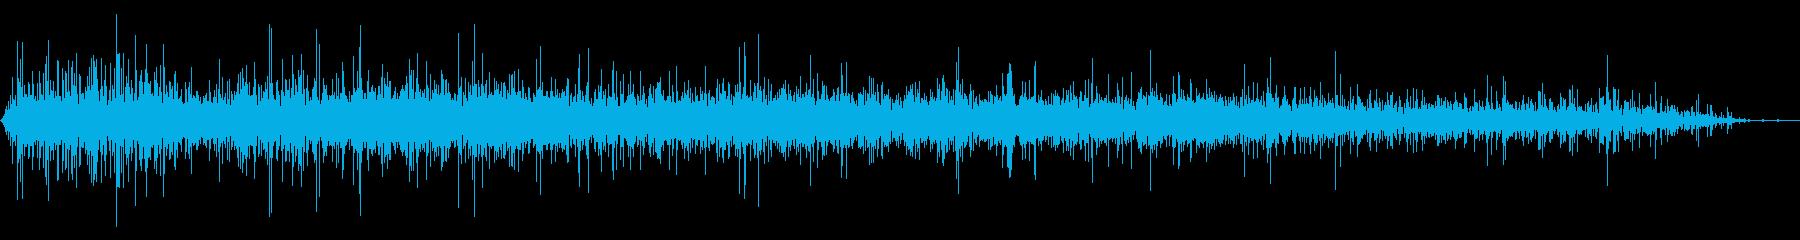 パイプを通る水または液体の排出の再生済みの波形